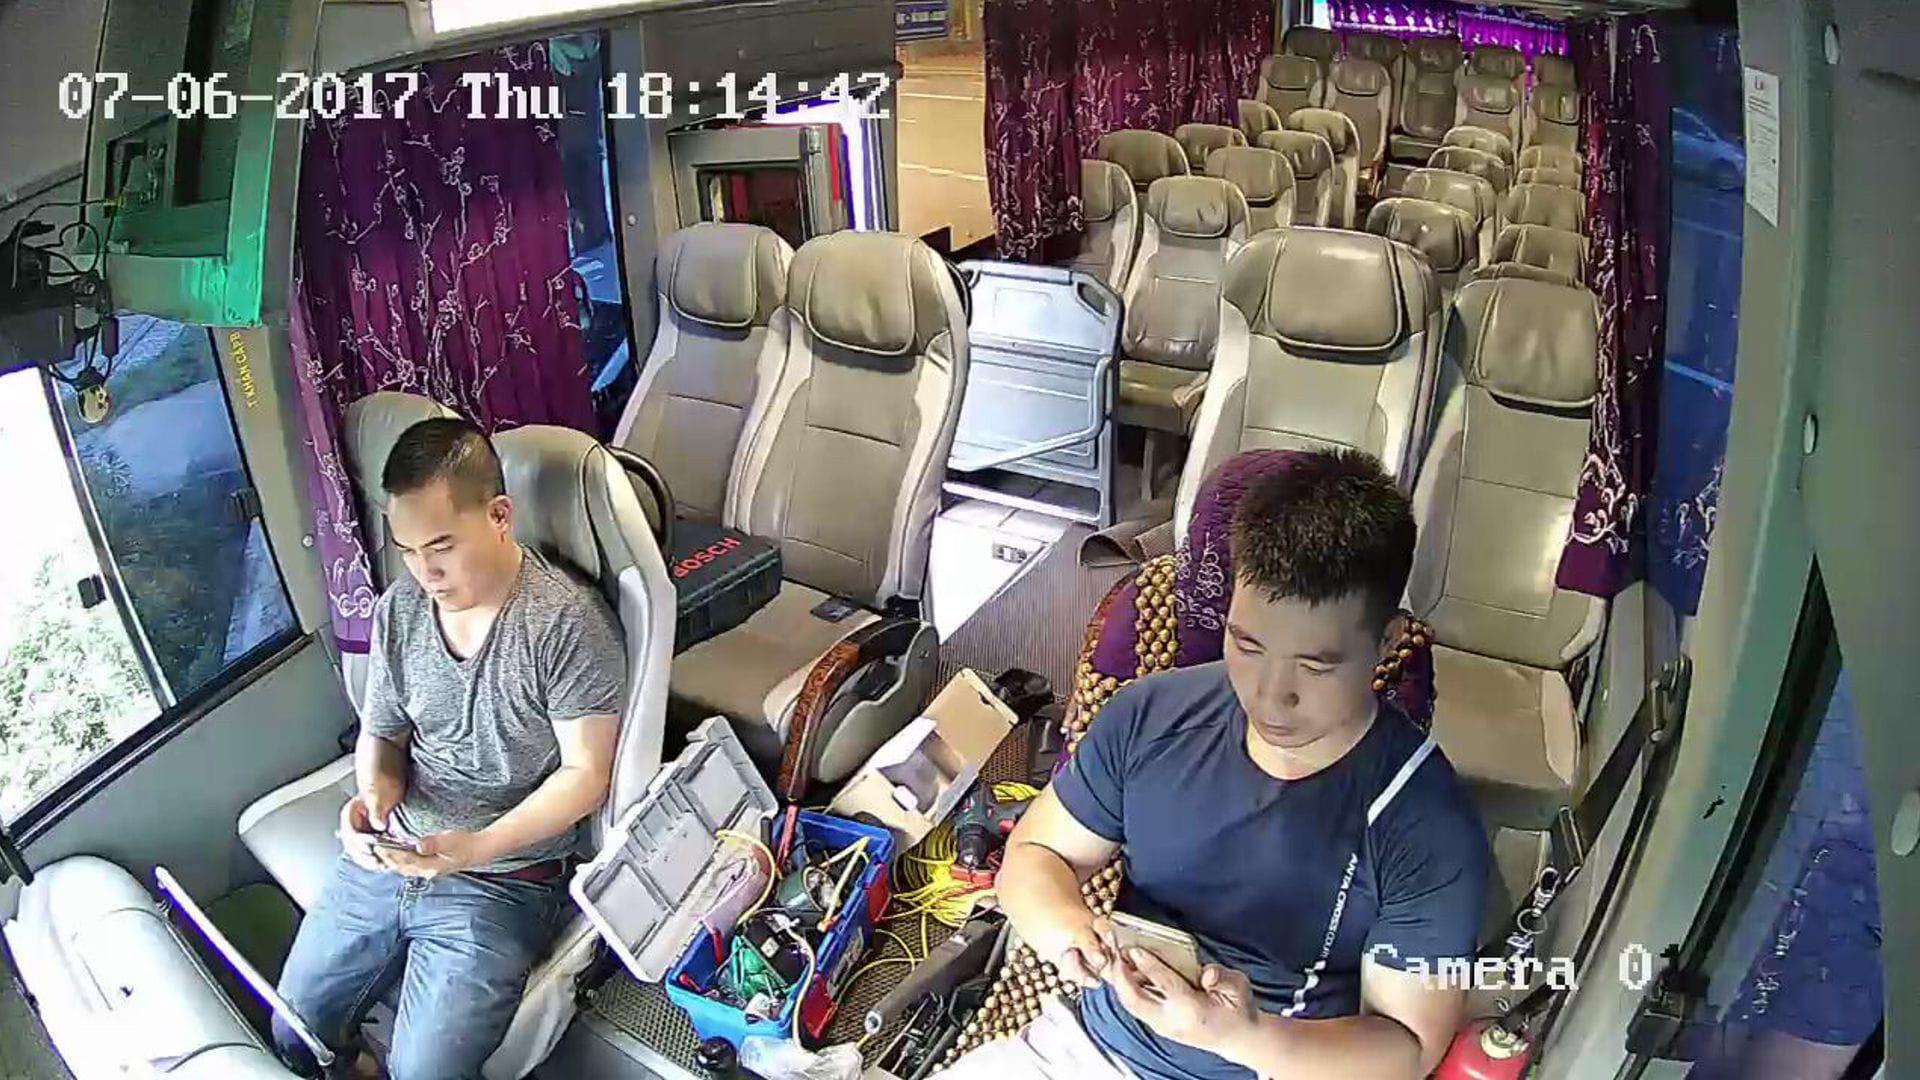 giải pháp giám sát xe khách, xe bus, xe taxi thông minh - hiệu quả